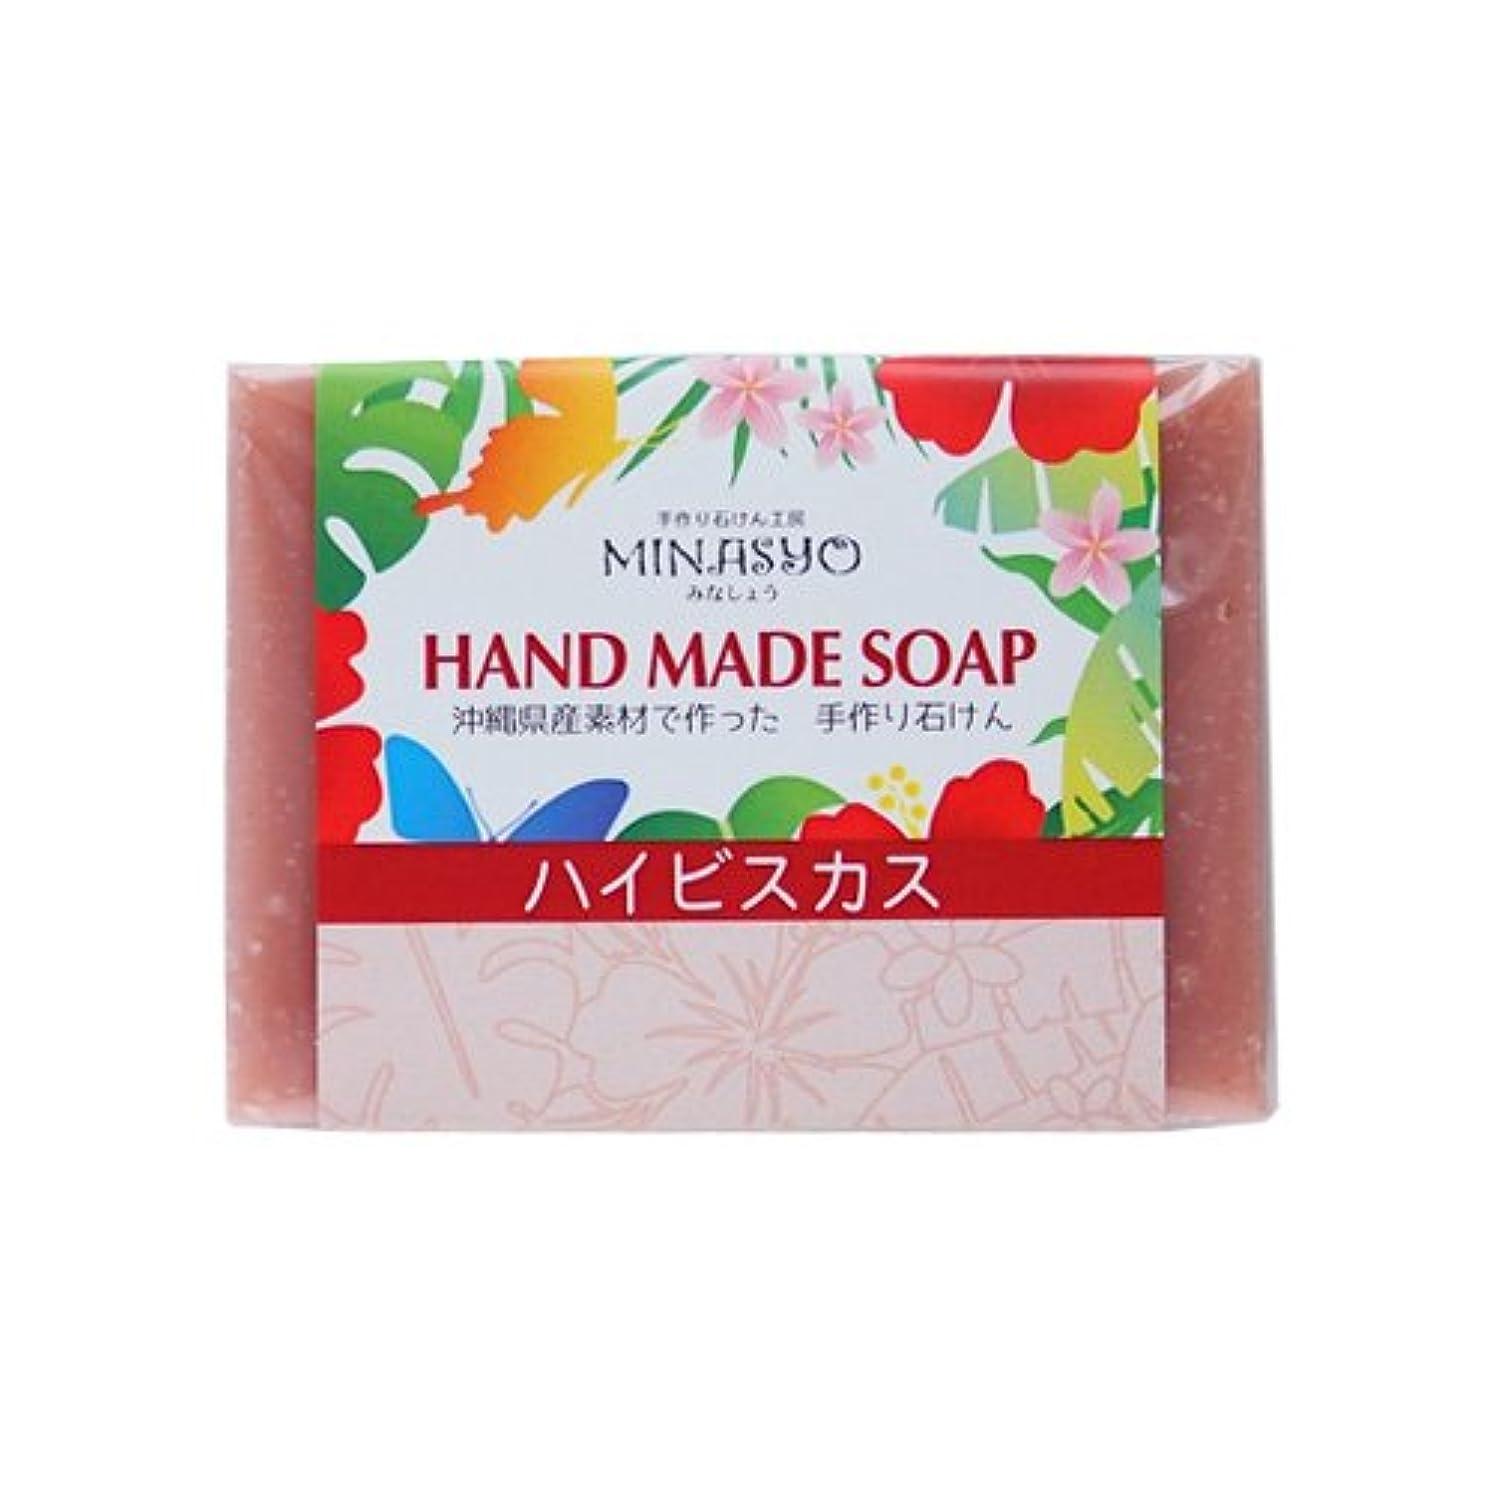 ゴミ箱魅力原子炉ピンククレイ 洗顔石鹸 無添加 固形 毛穴ケア 手作りローゼル石鹸